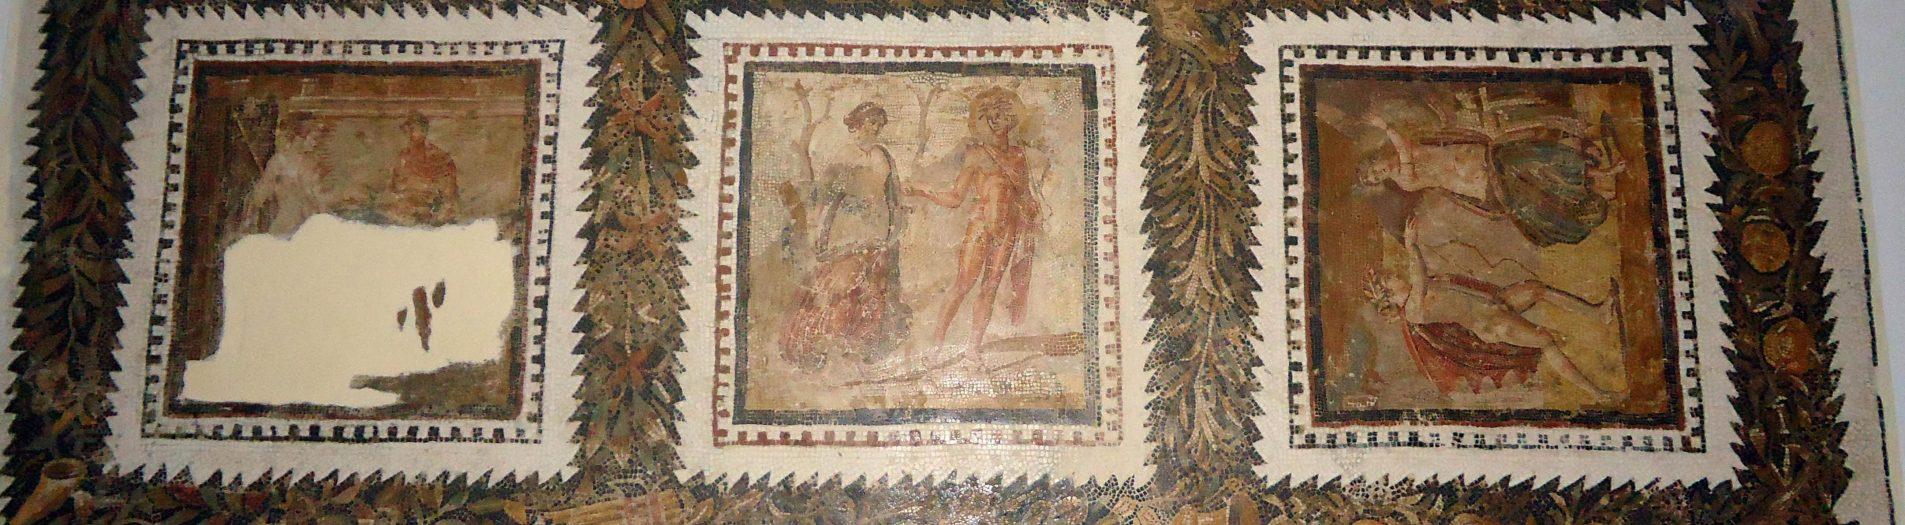 La mosaïque des scènes galantes d'el Jem